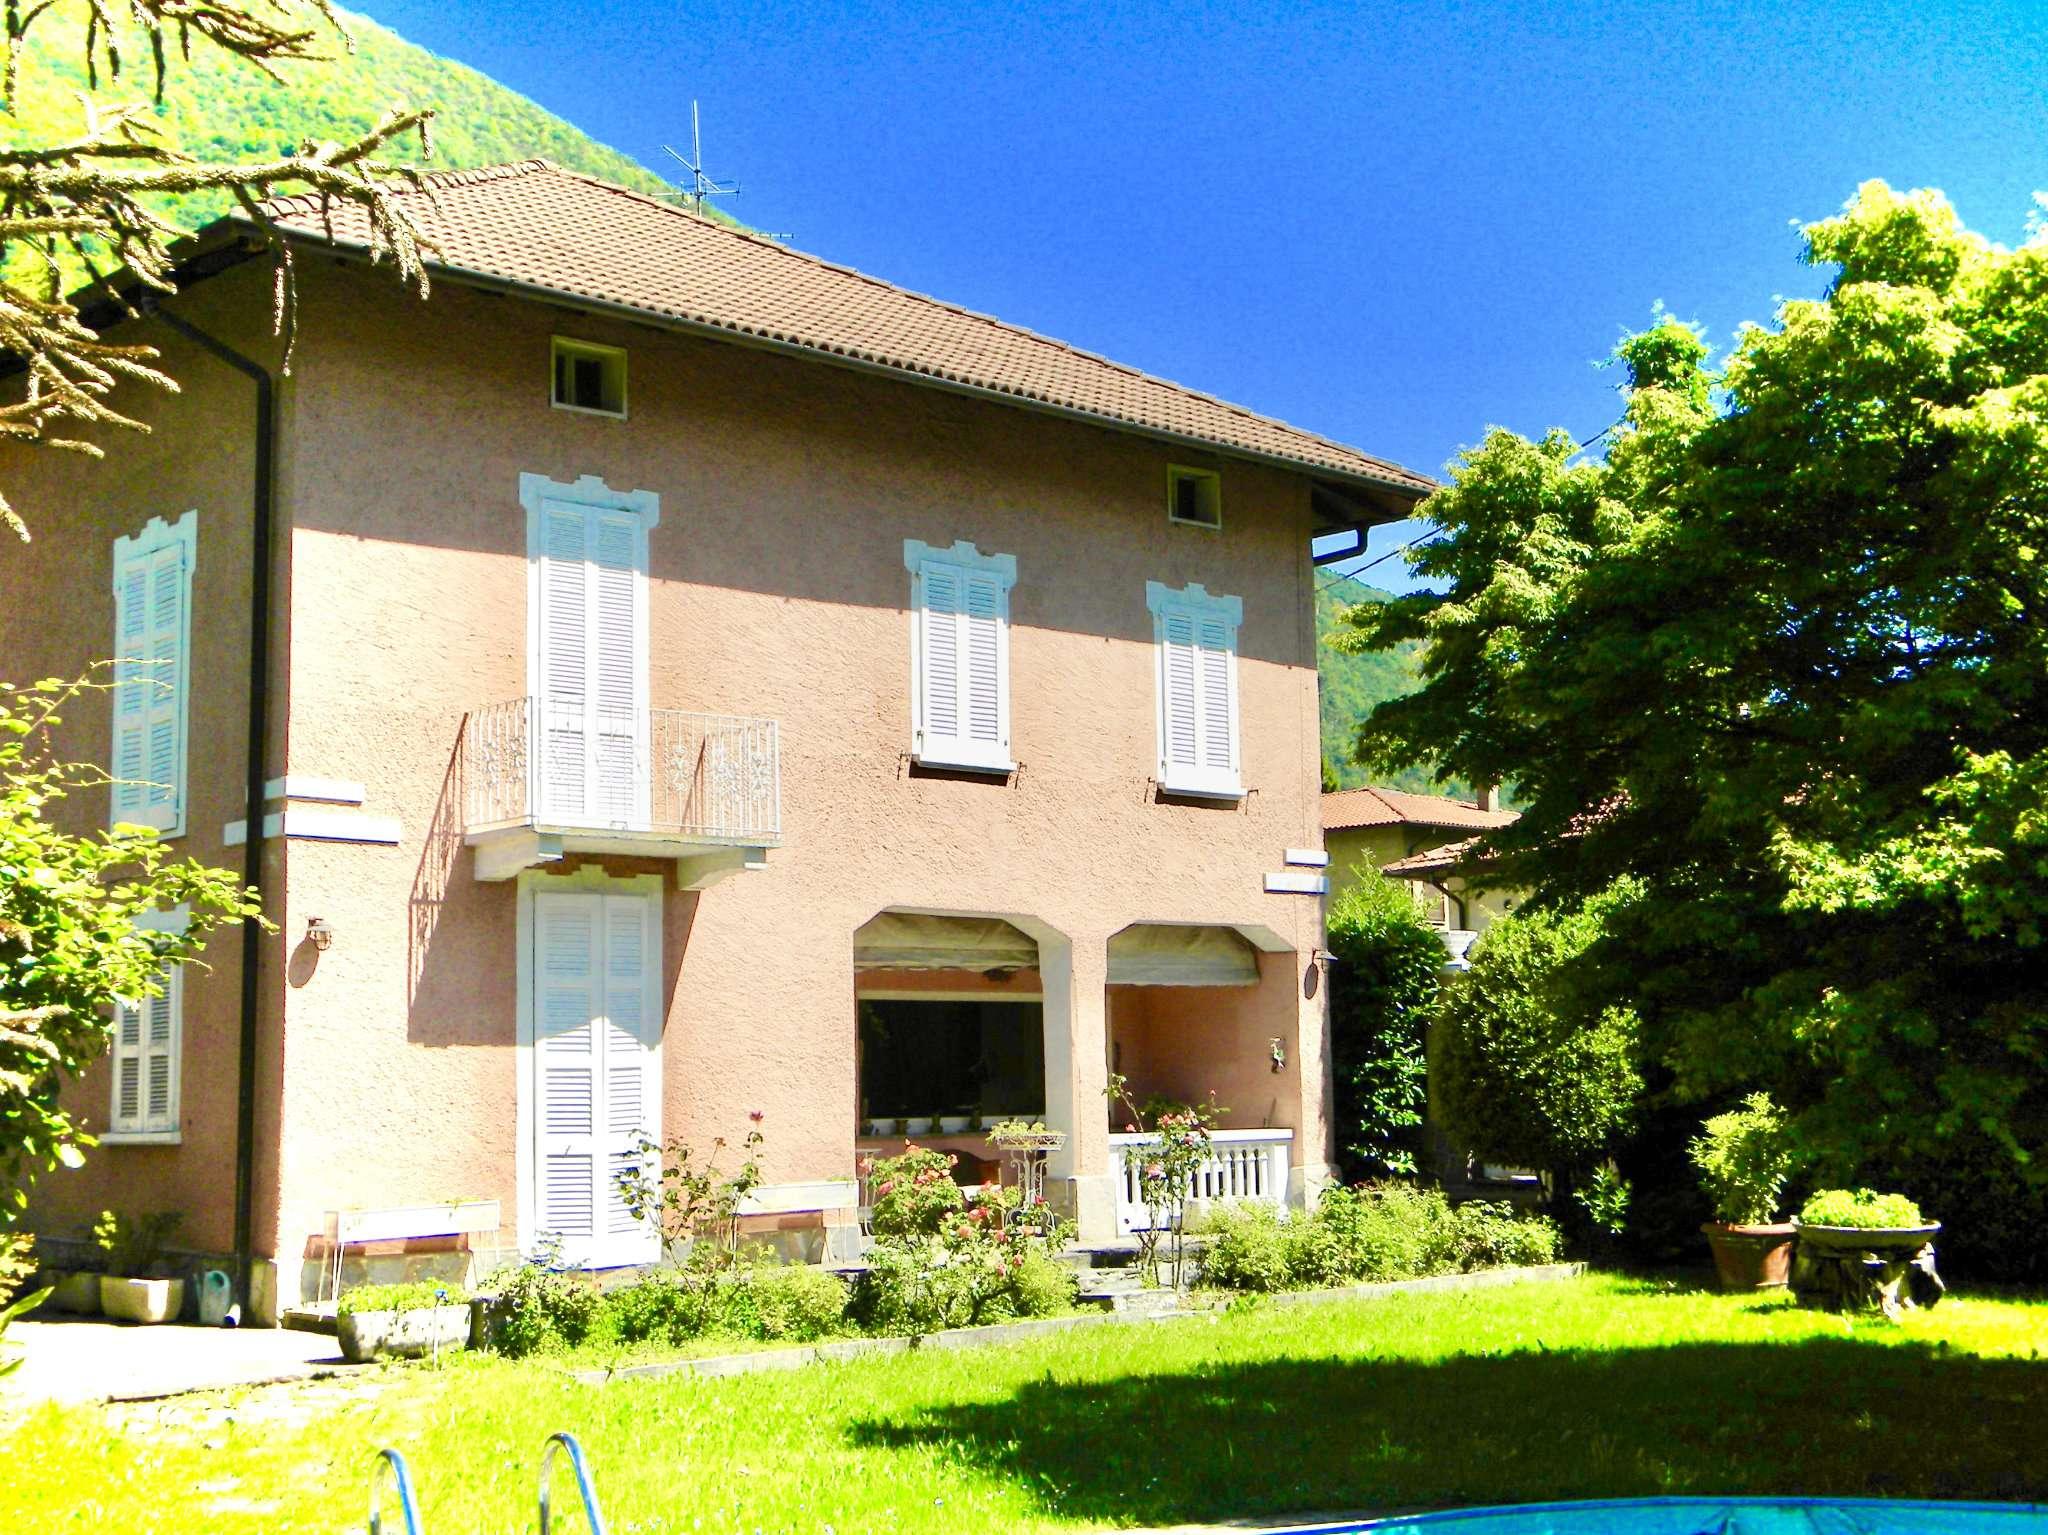 Villa in vendita a Tremezzina, 7 locali, prezzo € 780.000 | PortaleAgenzieImmobiliari.it